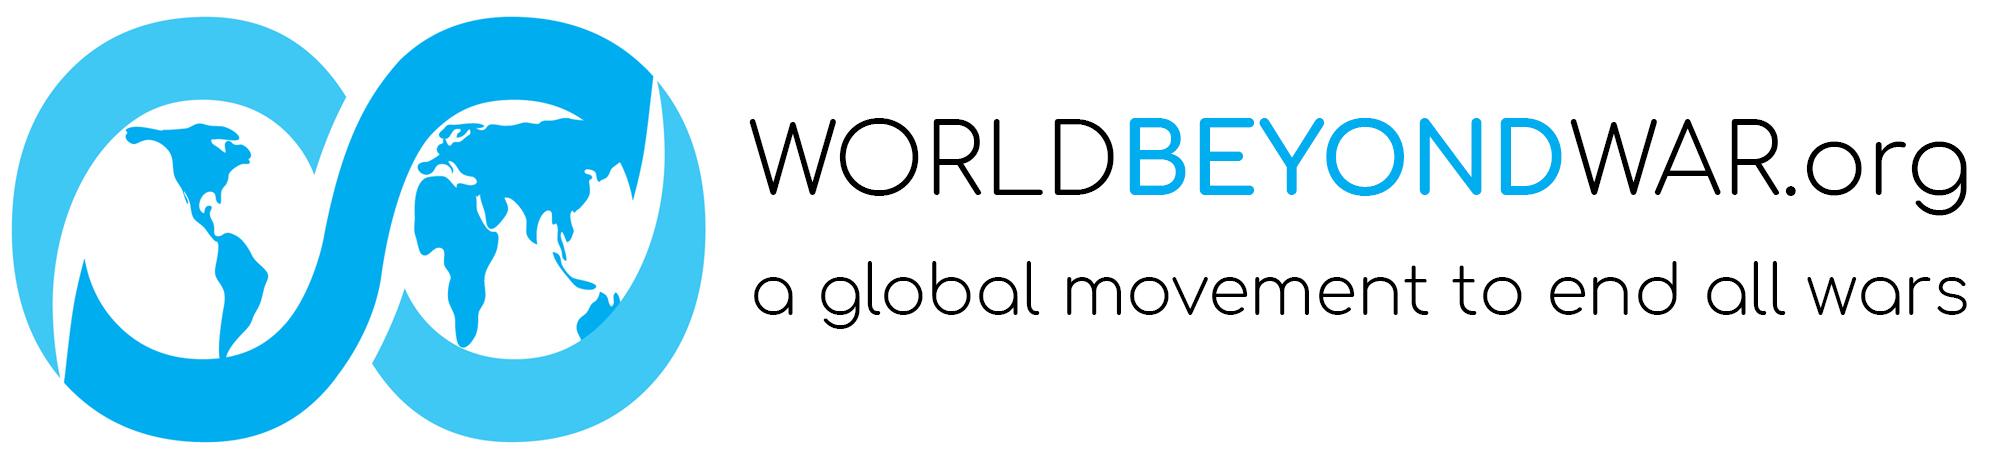 World Beyond War News